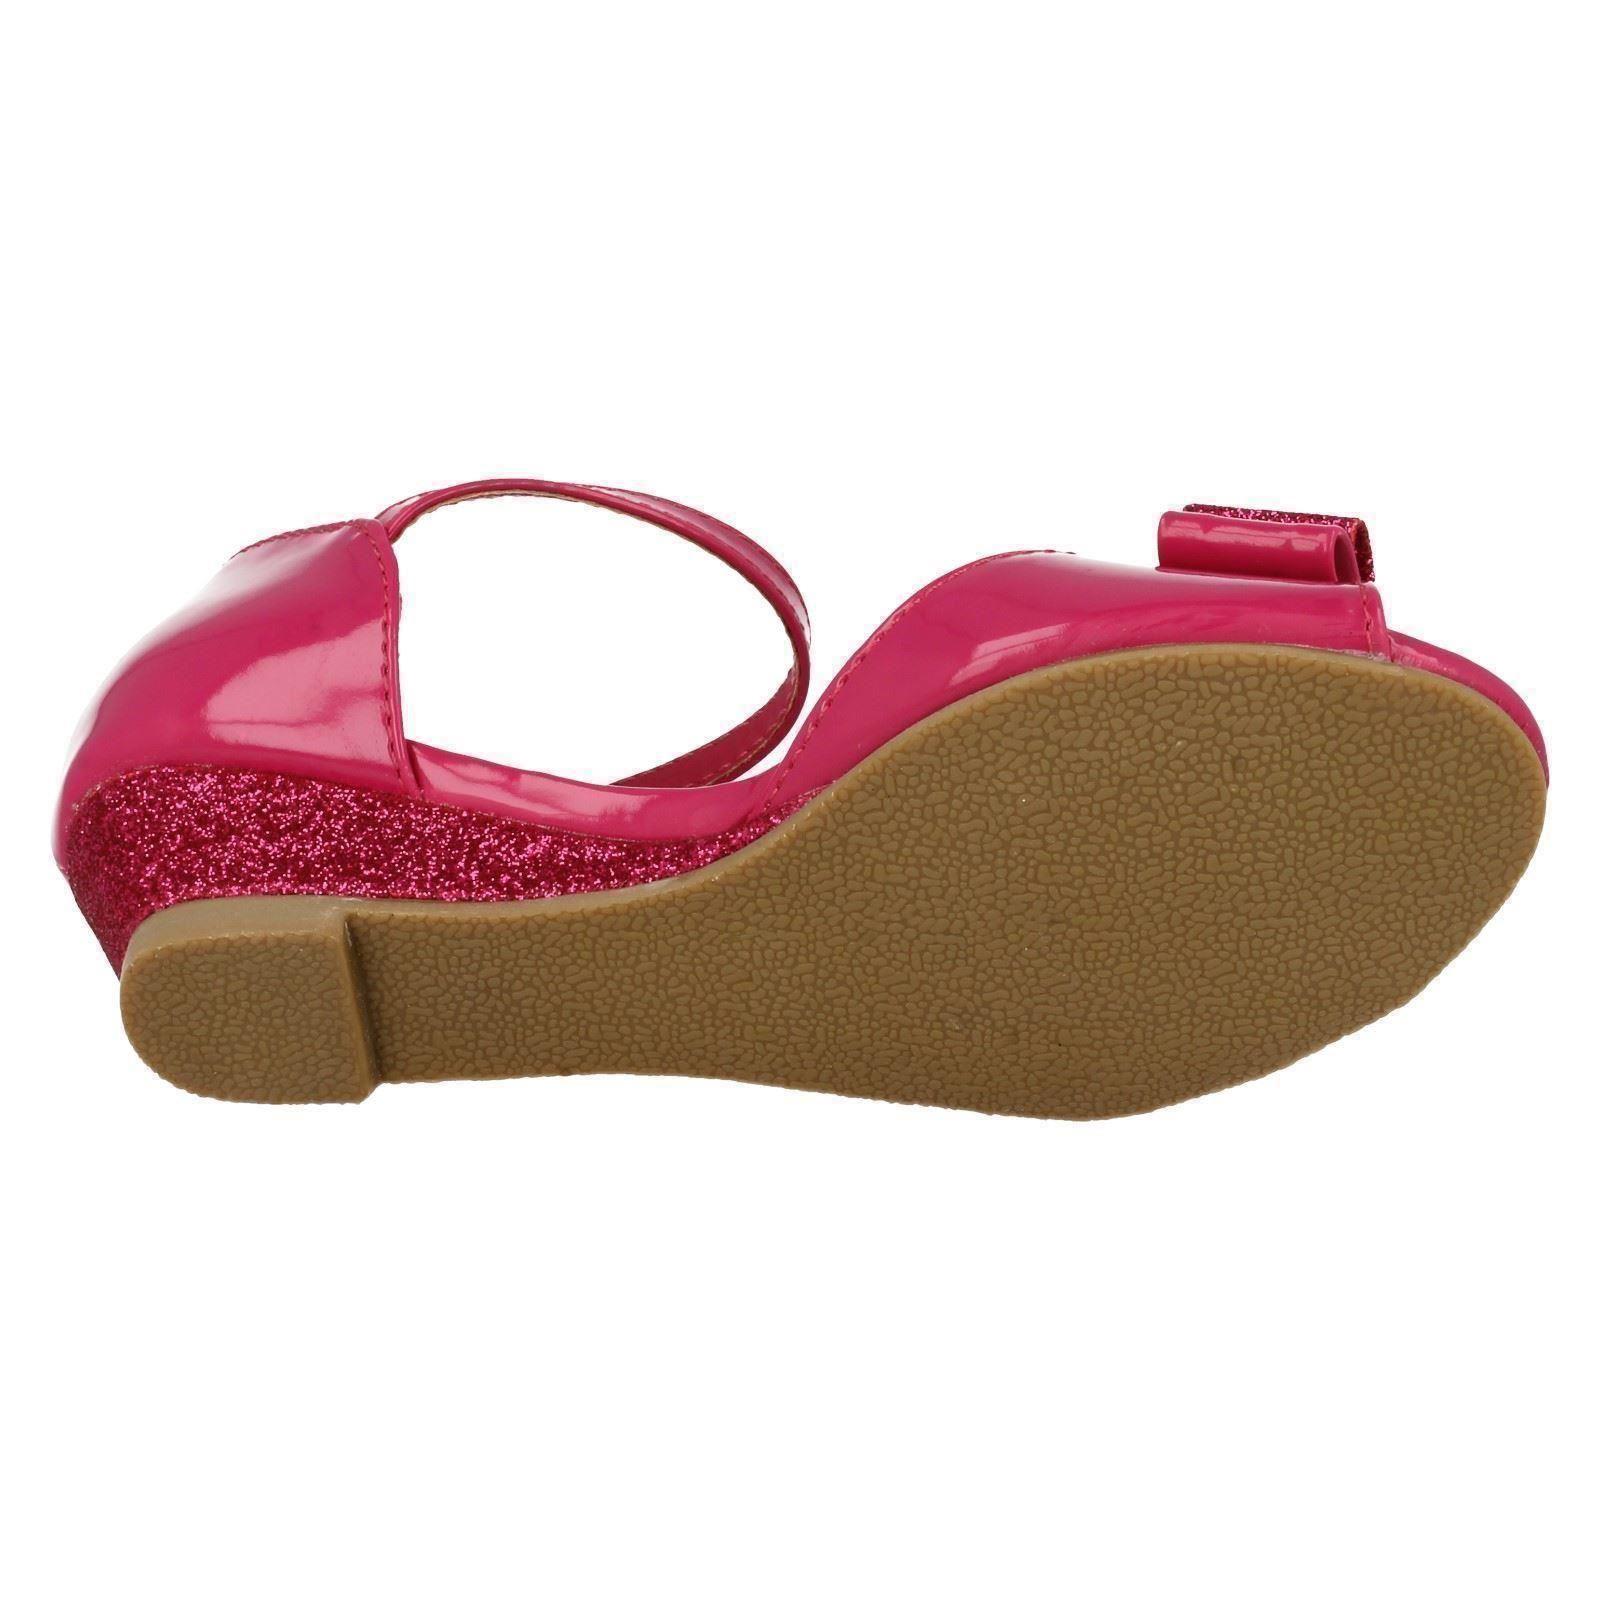 Las niñas en el clavo Sandalias Con Detalle De Moño Estilo-h1077